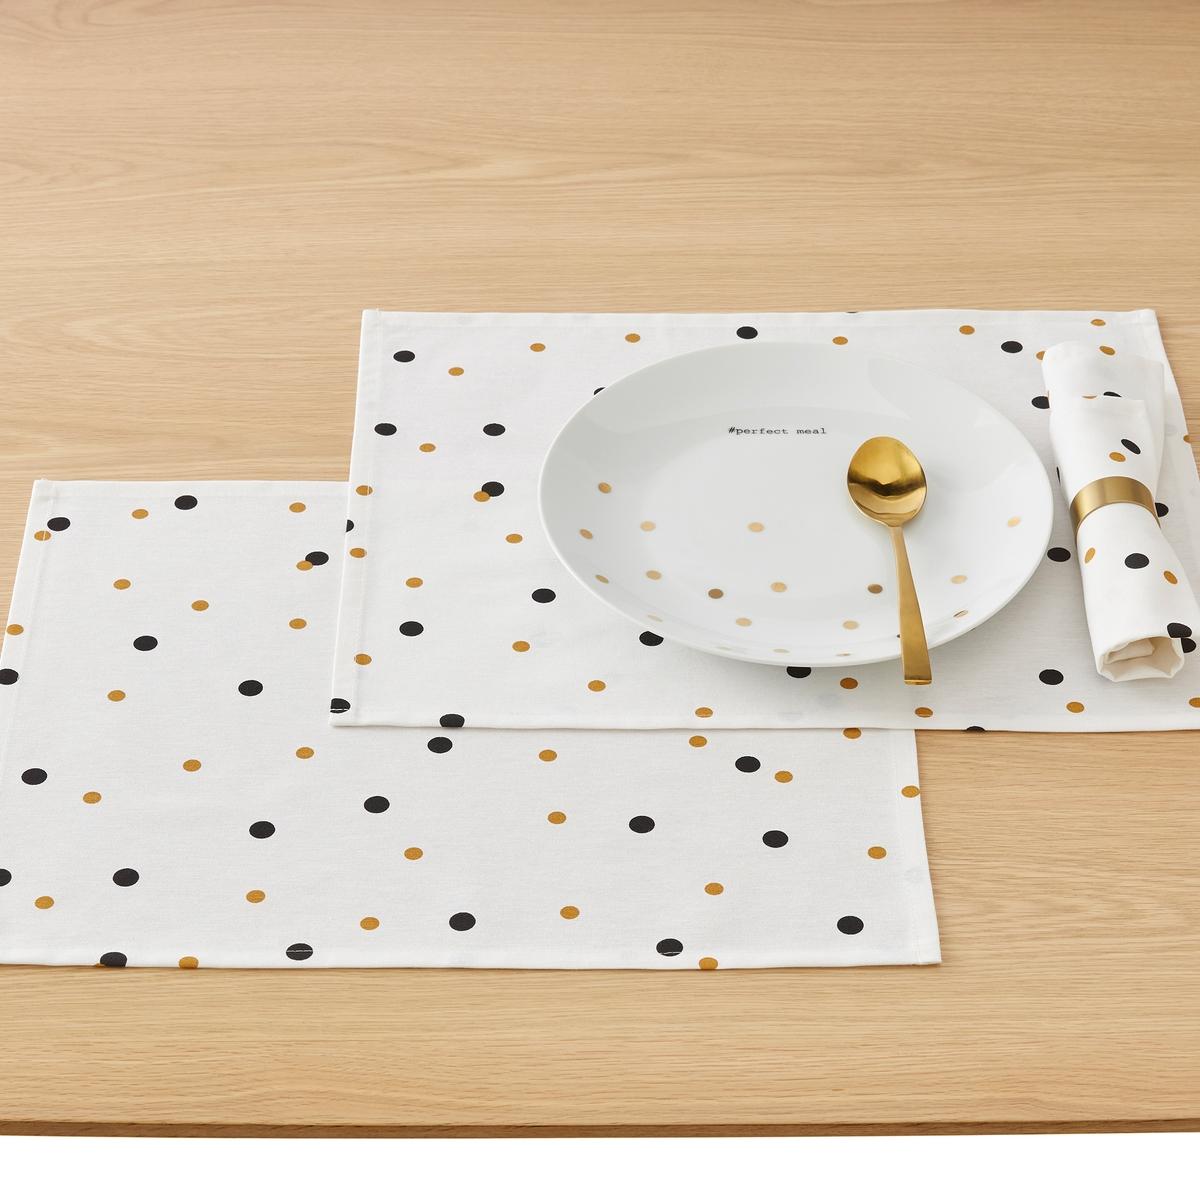 Подложка LaRedoute Под столовые приборы с принтом PERFECT TI единый размер белый